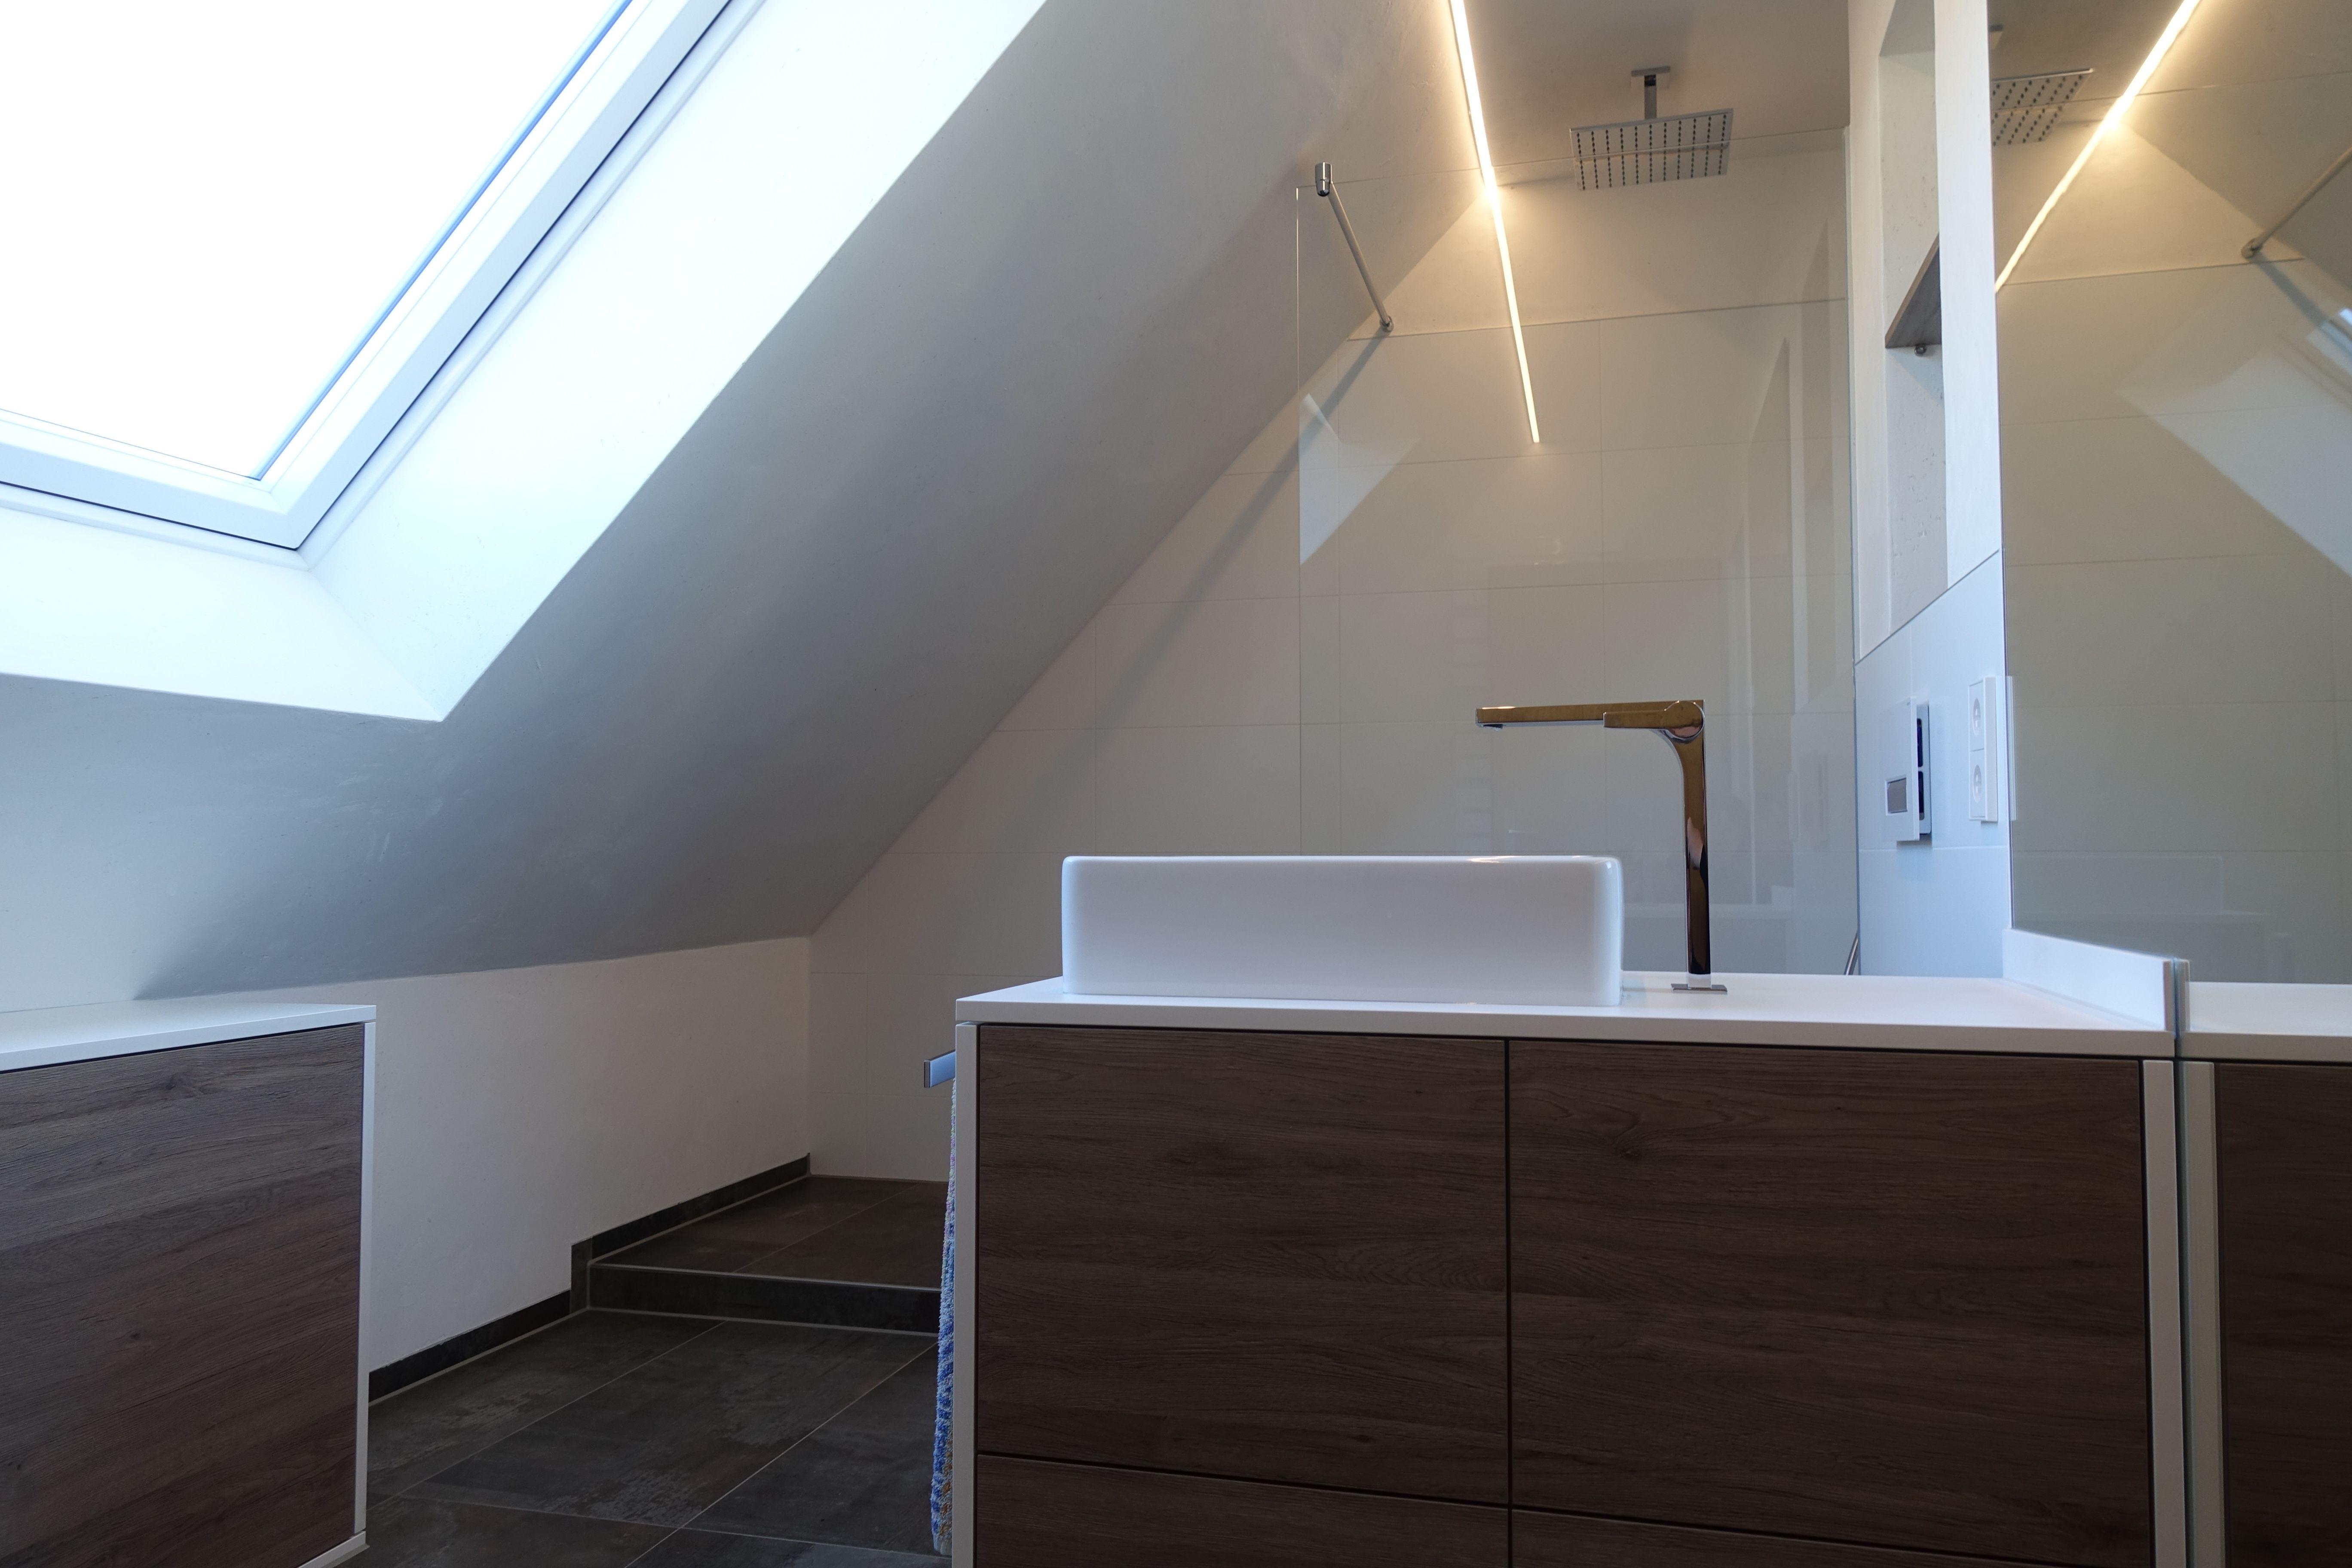 Wohntraum Ihr Full Service Badplaner In Ulm Mit Bildern Bad Mit Dachschrage